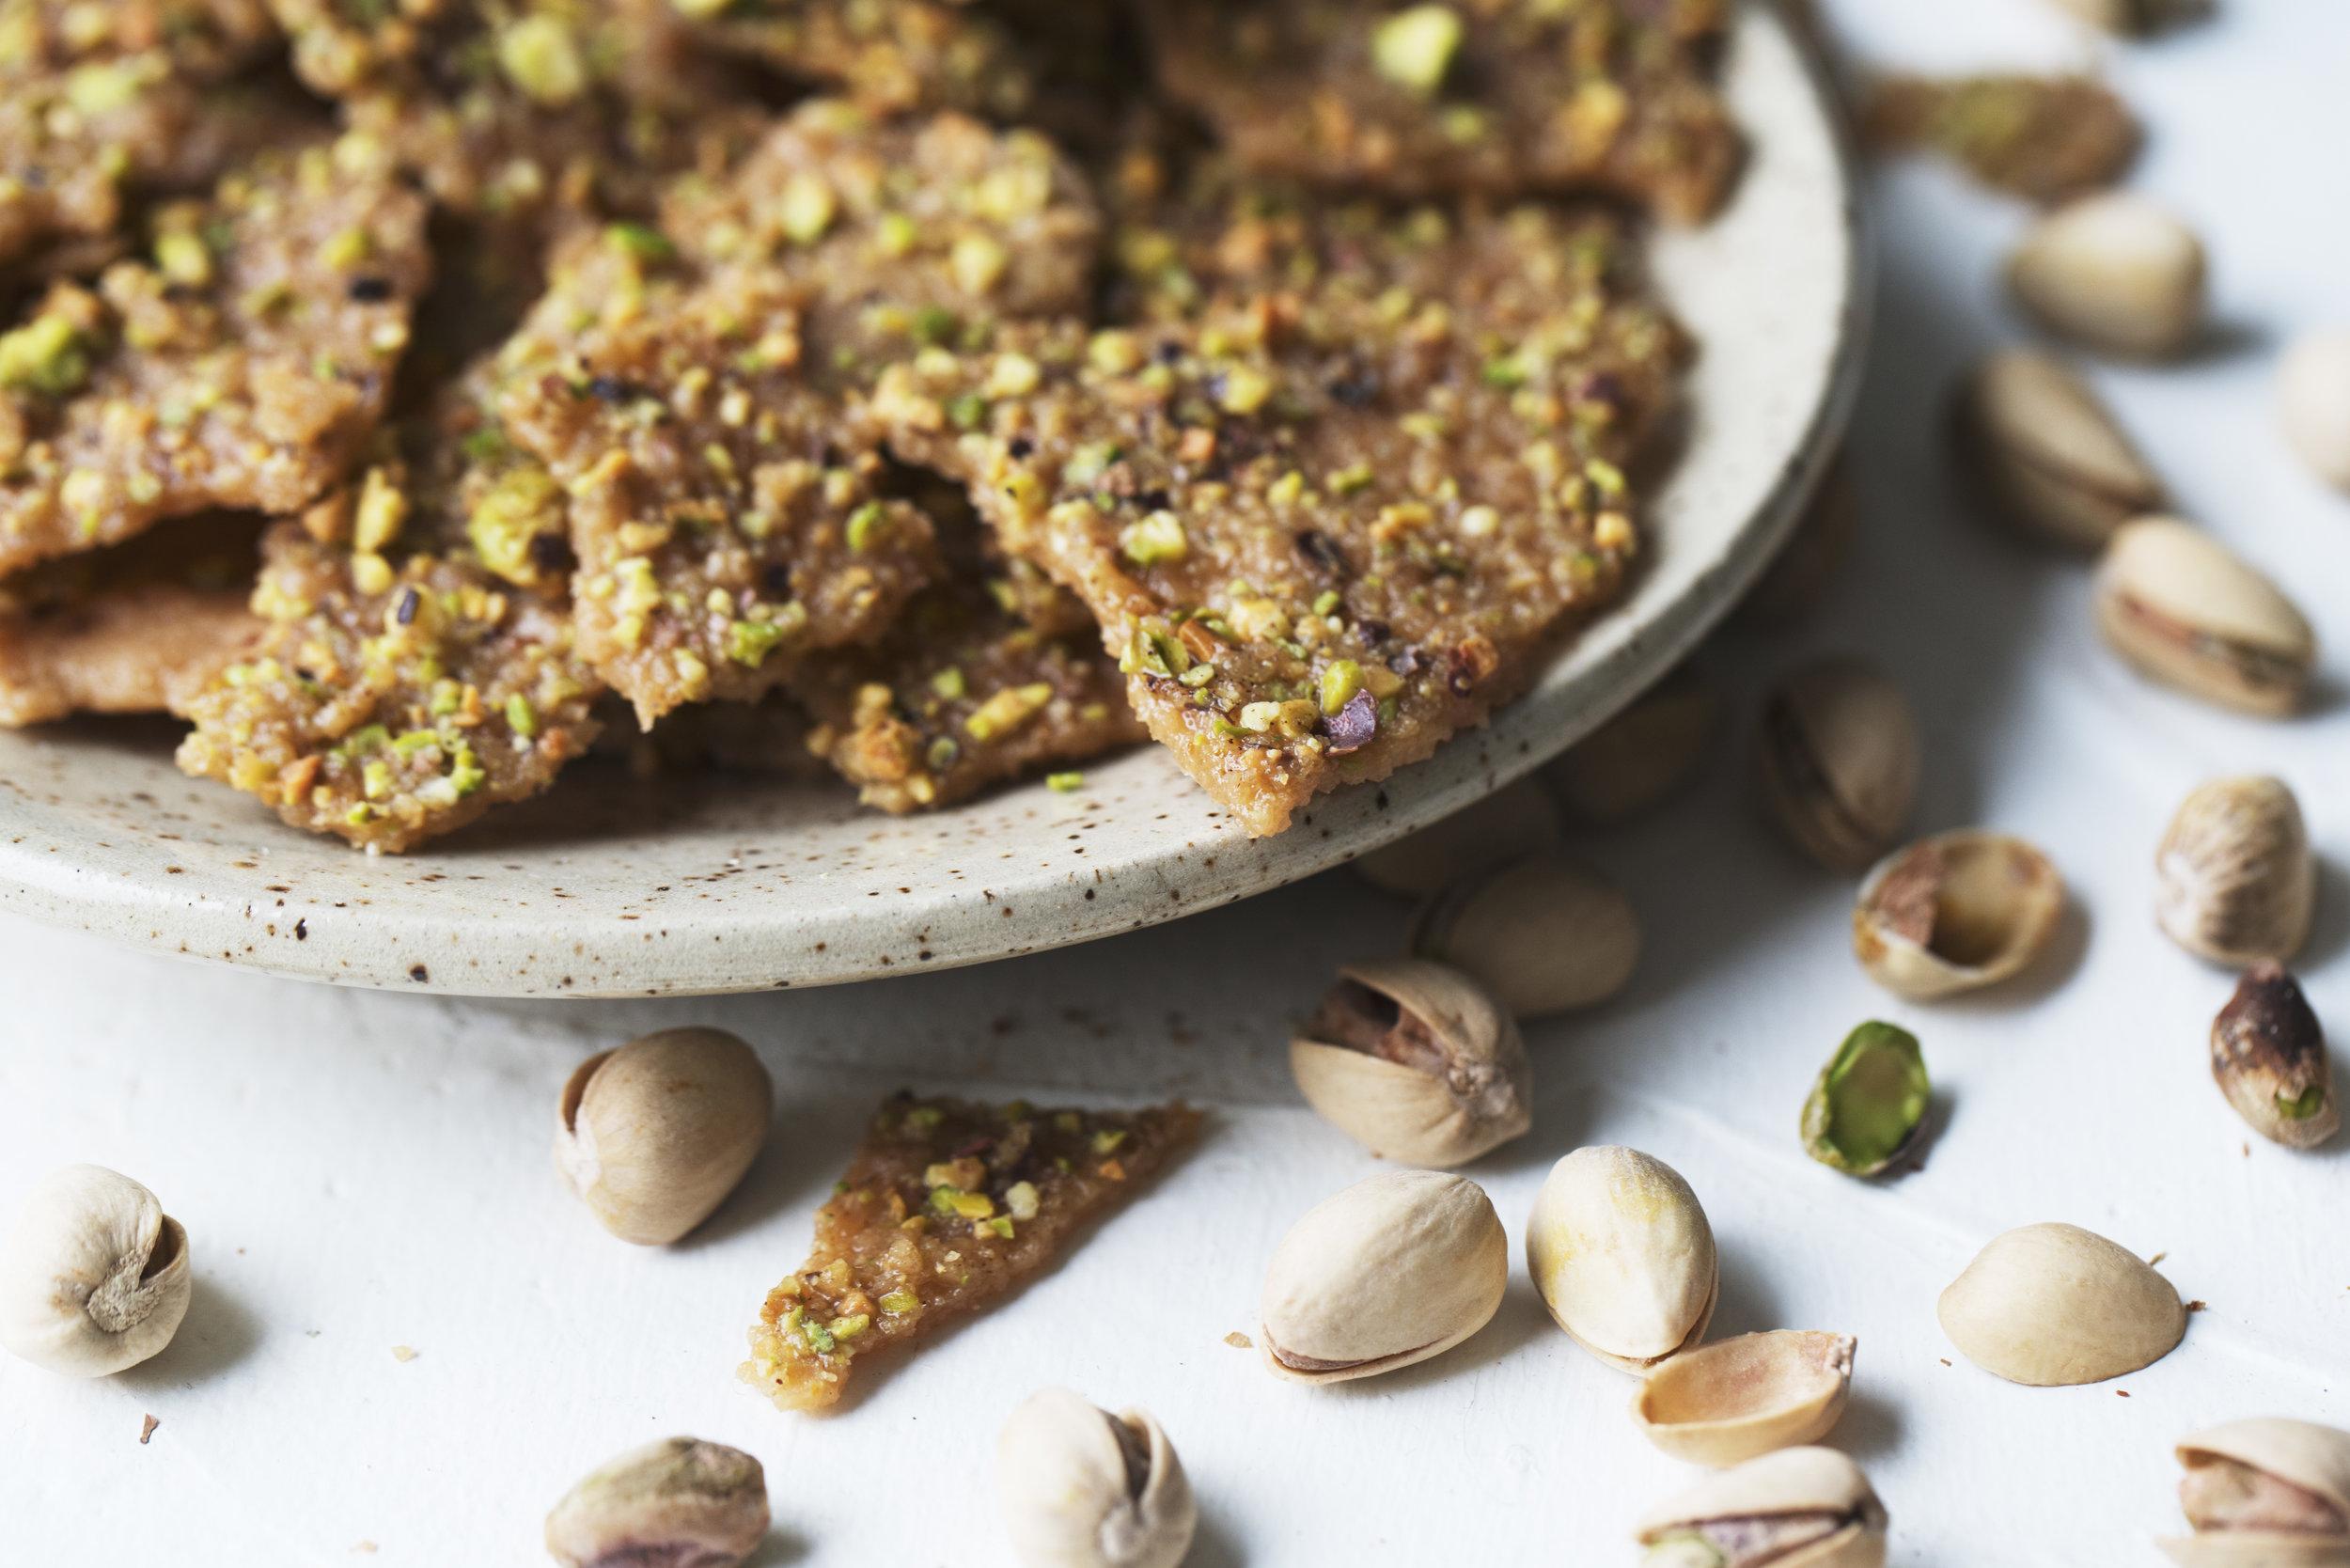 pistachio bark 3.jpg